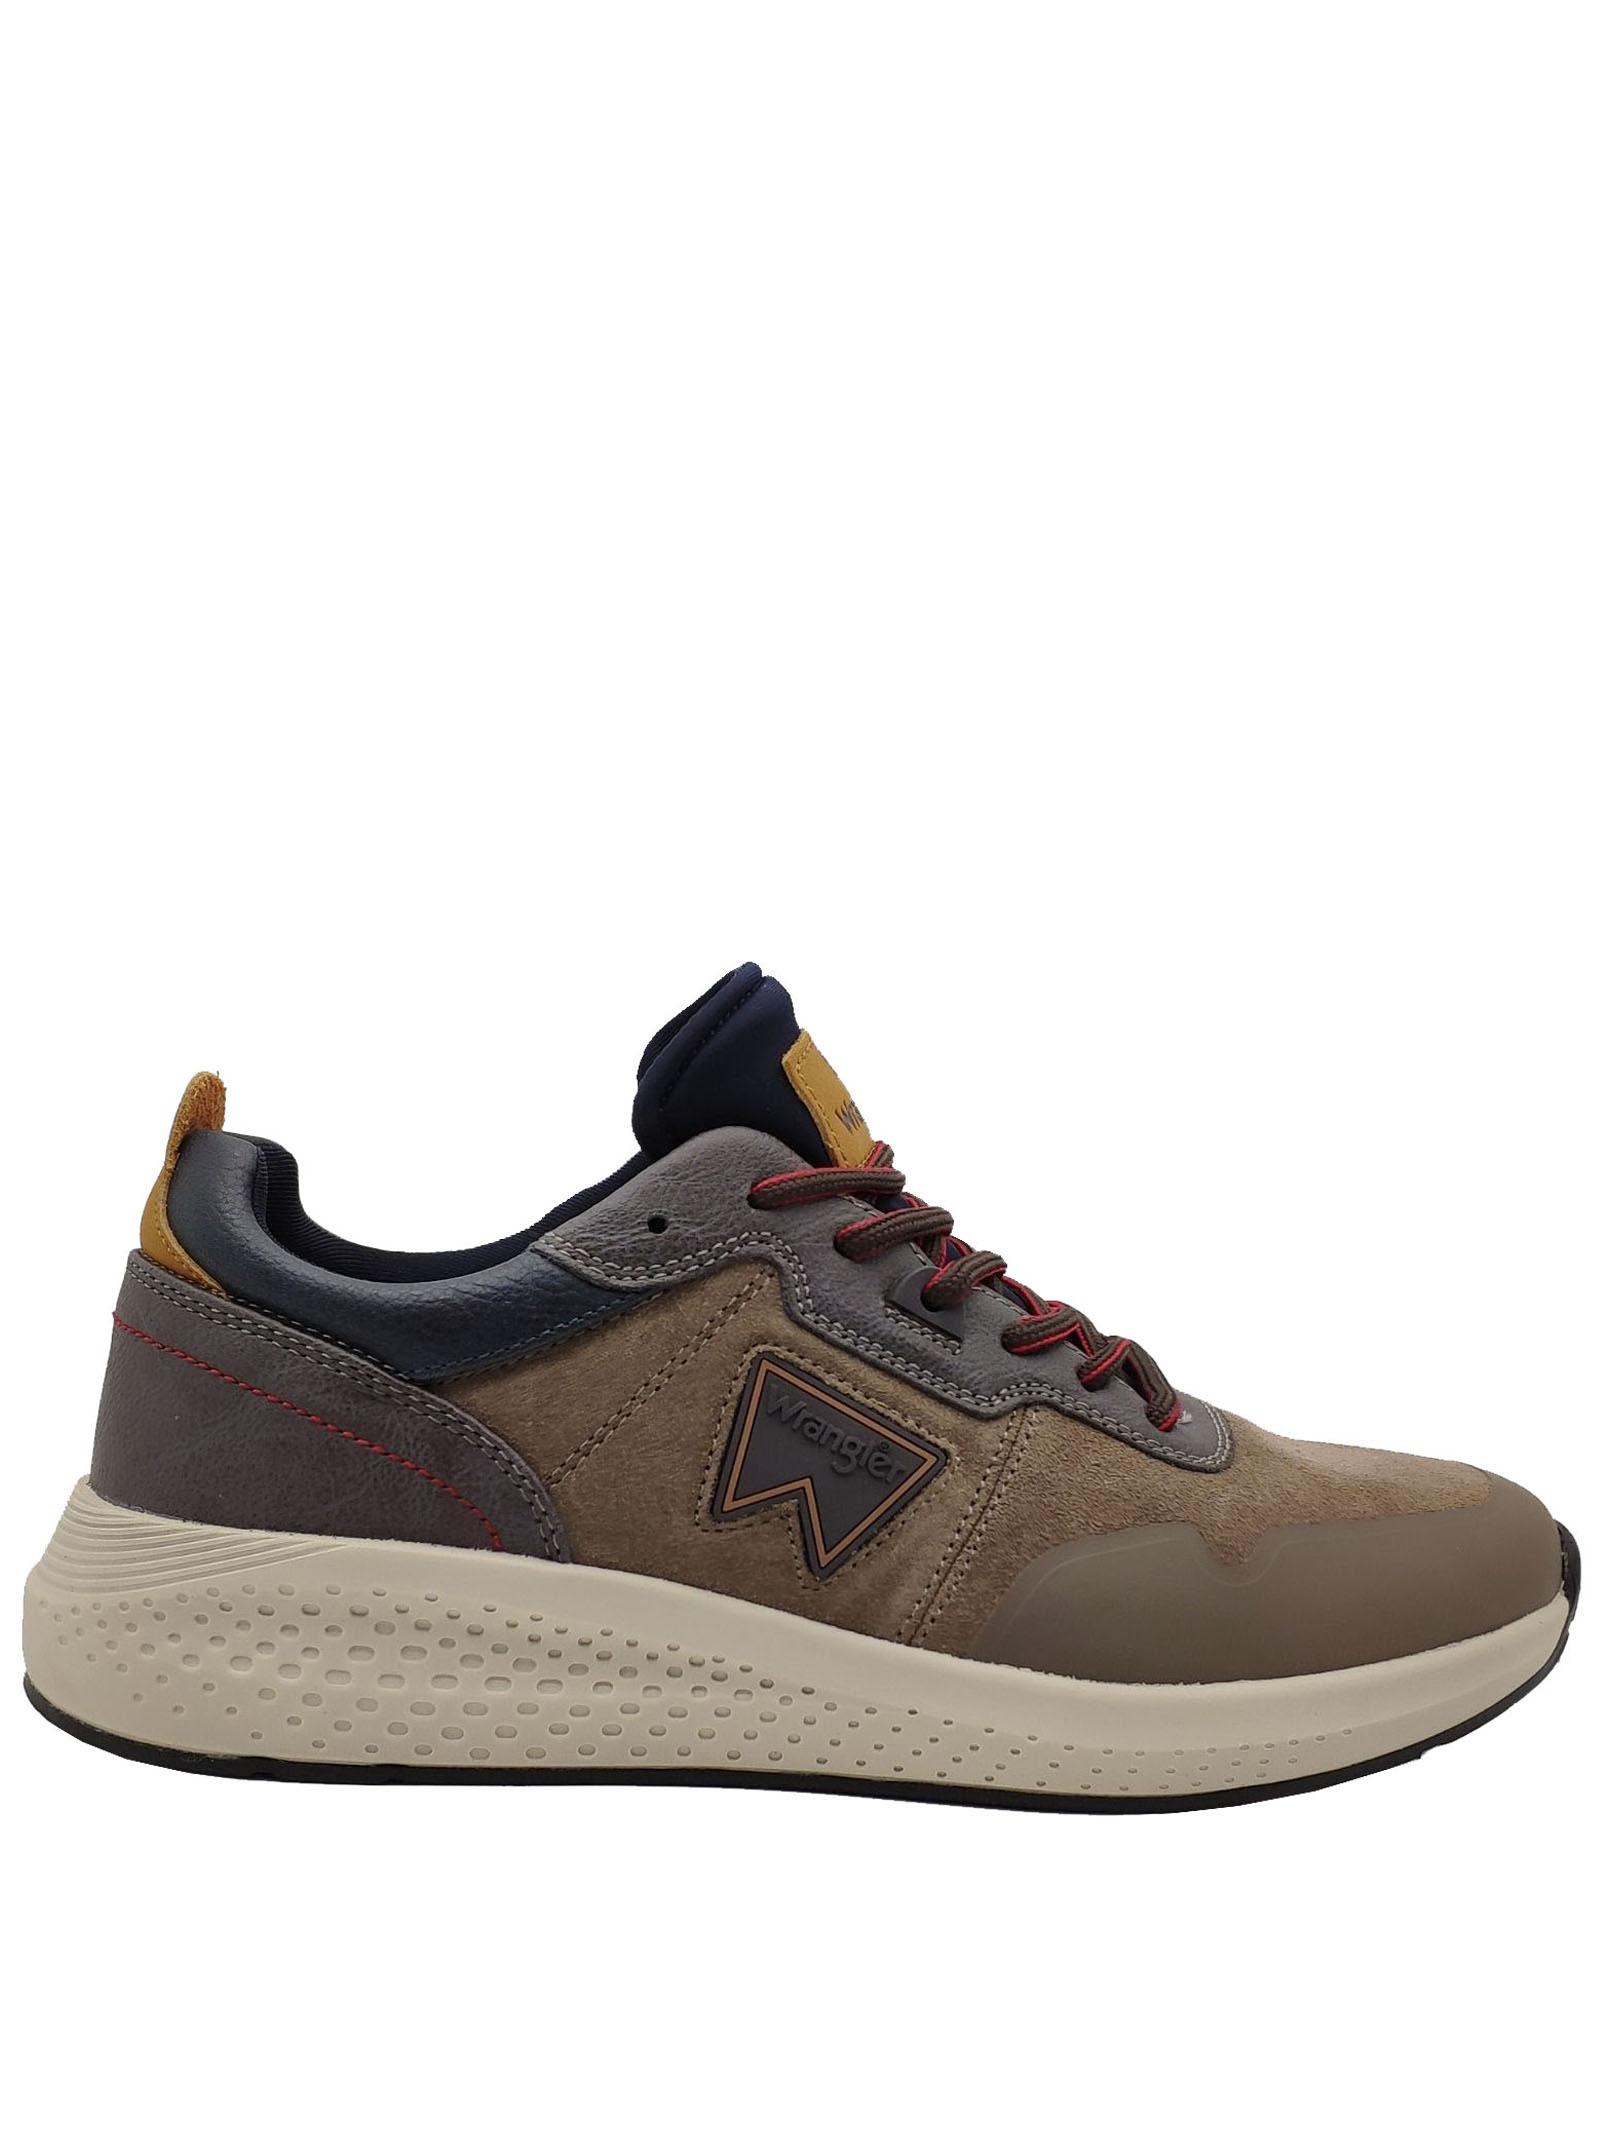 Calzature Uomo Sneakers Sequoia in Camoscio Fango con Zeppa in Gomma Ultraleggera Wrangler | Sneakers | WM02090A029